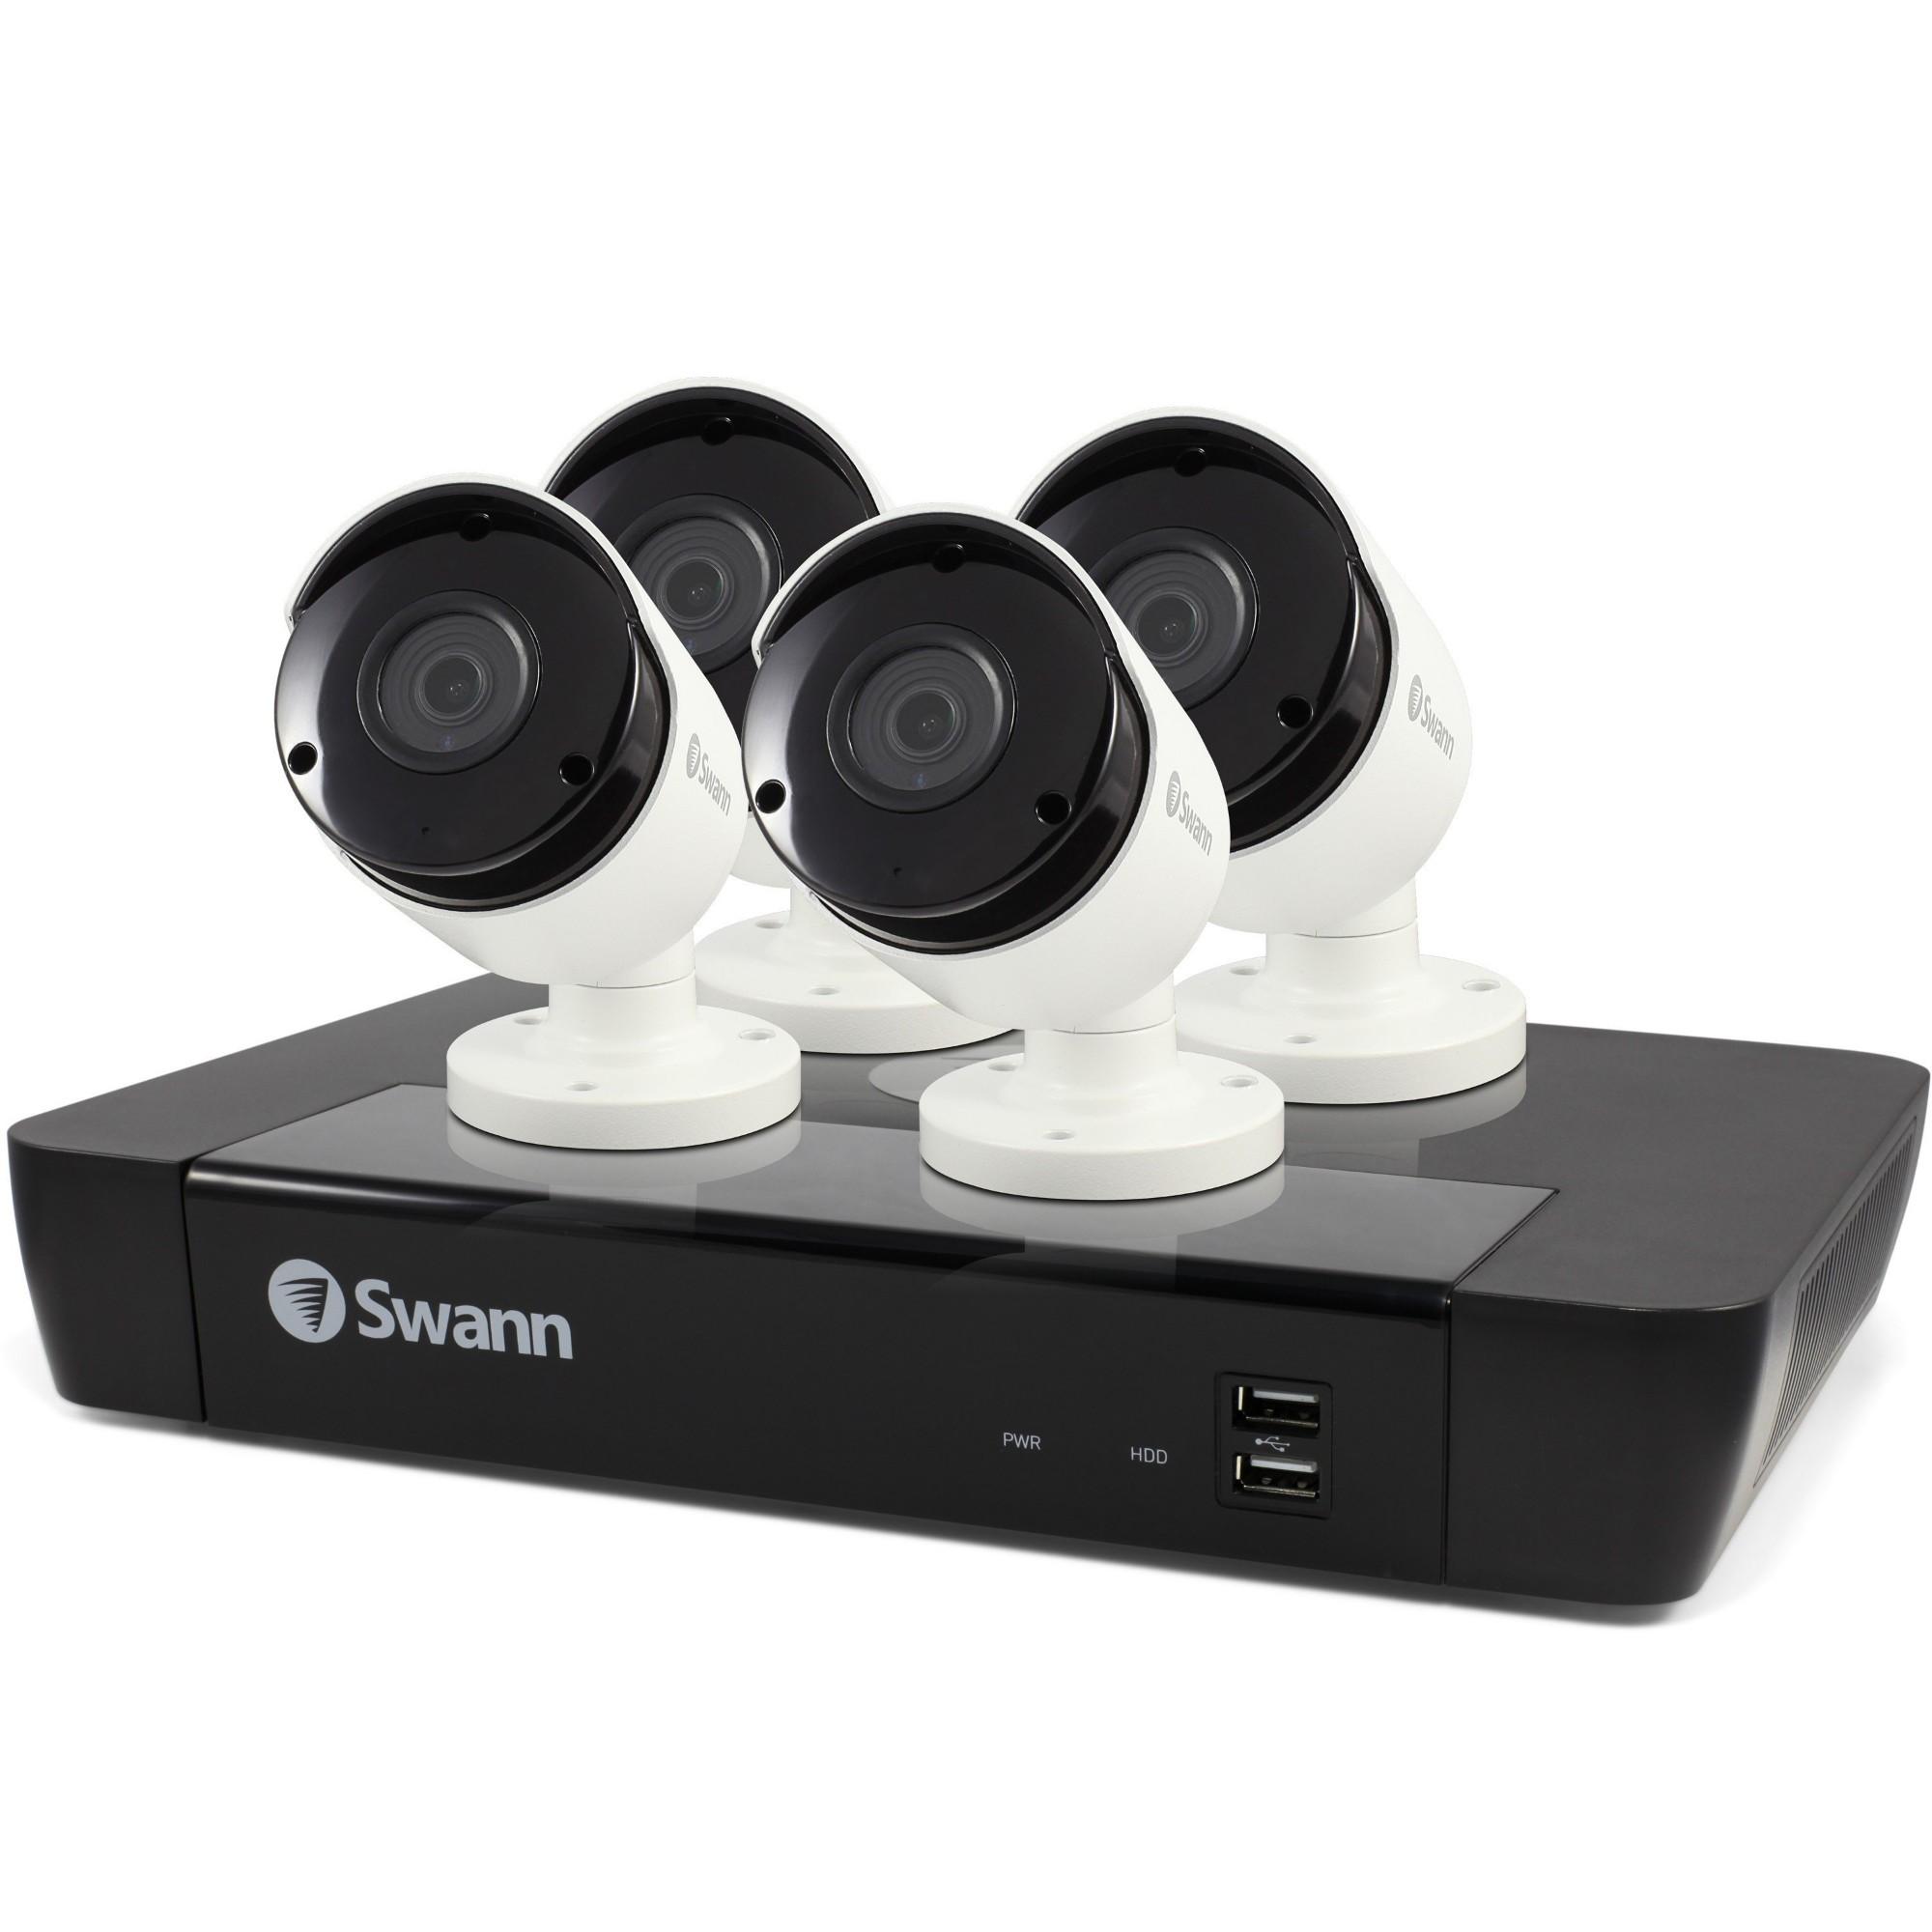 Swann SWNVK-874504 Wired 8channels video surveillance kit